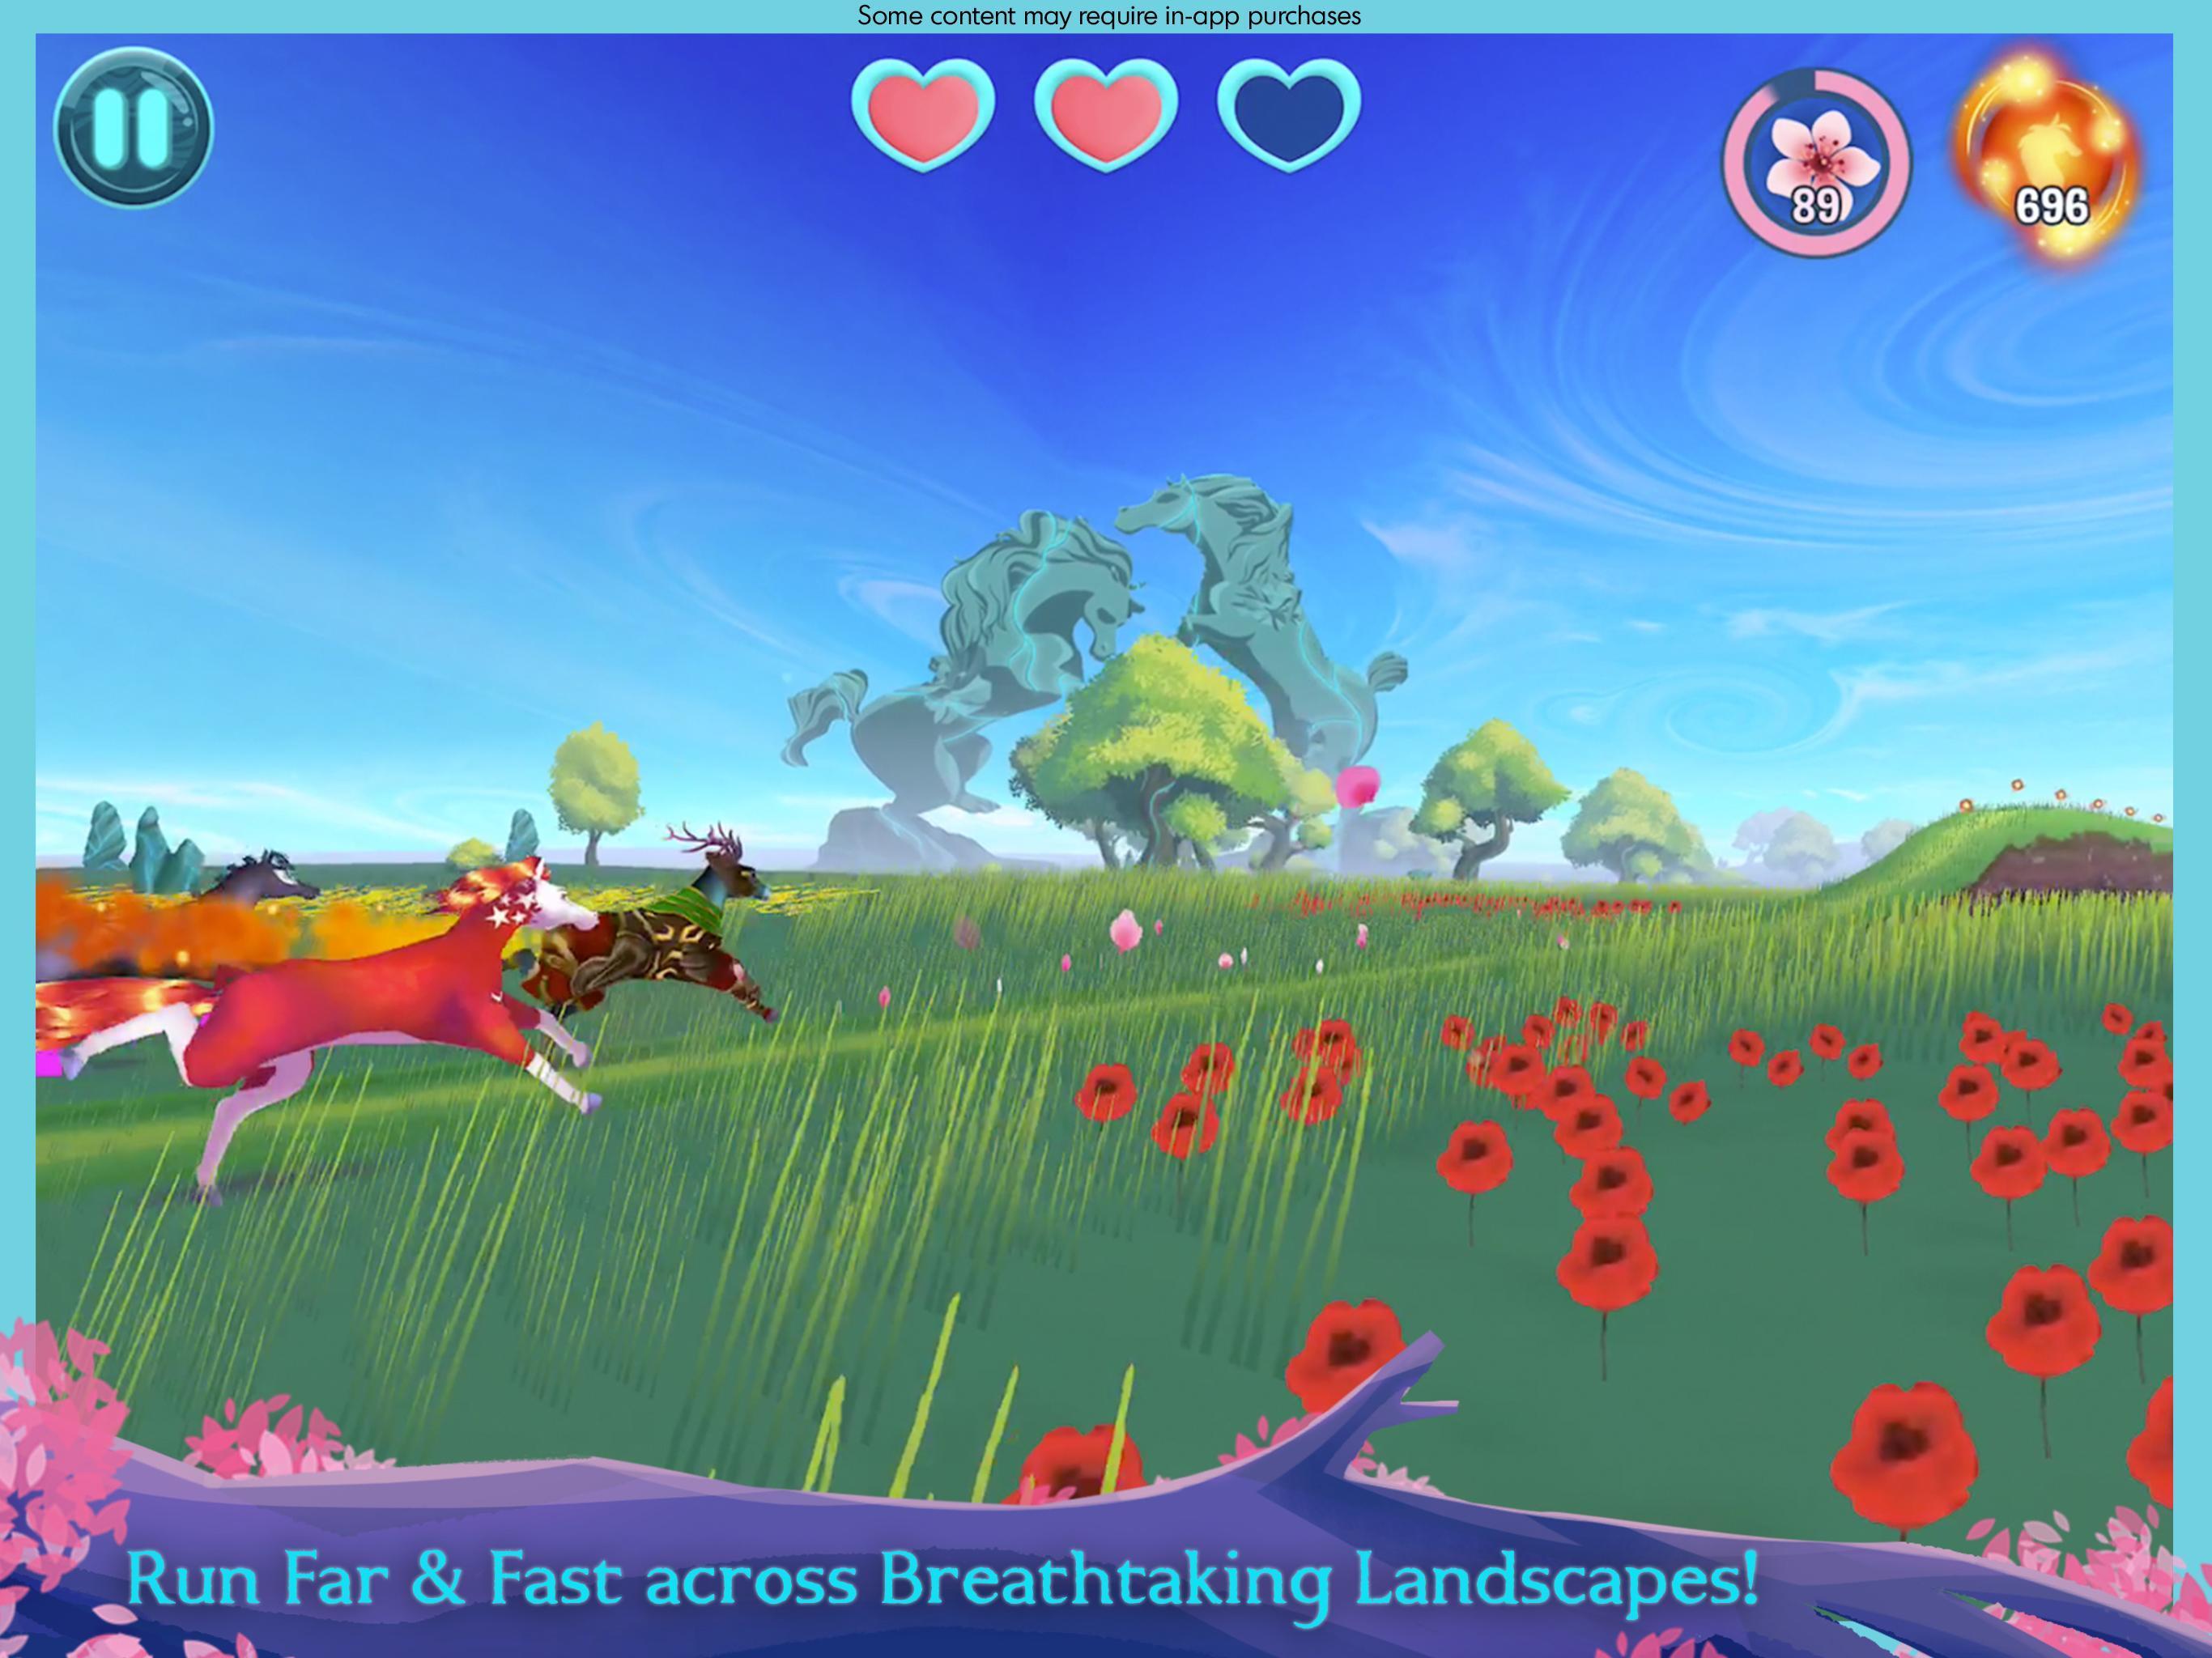 EverRun The Horse Guardians - Epic Endless Runner 2.3 Screenshot 6